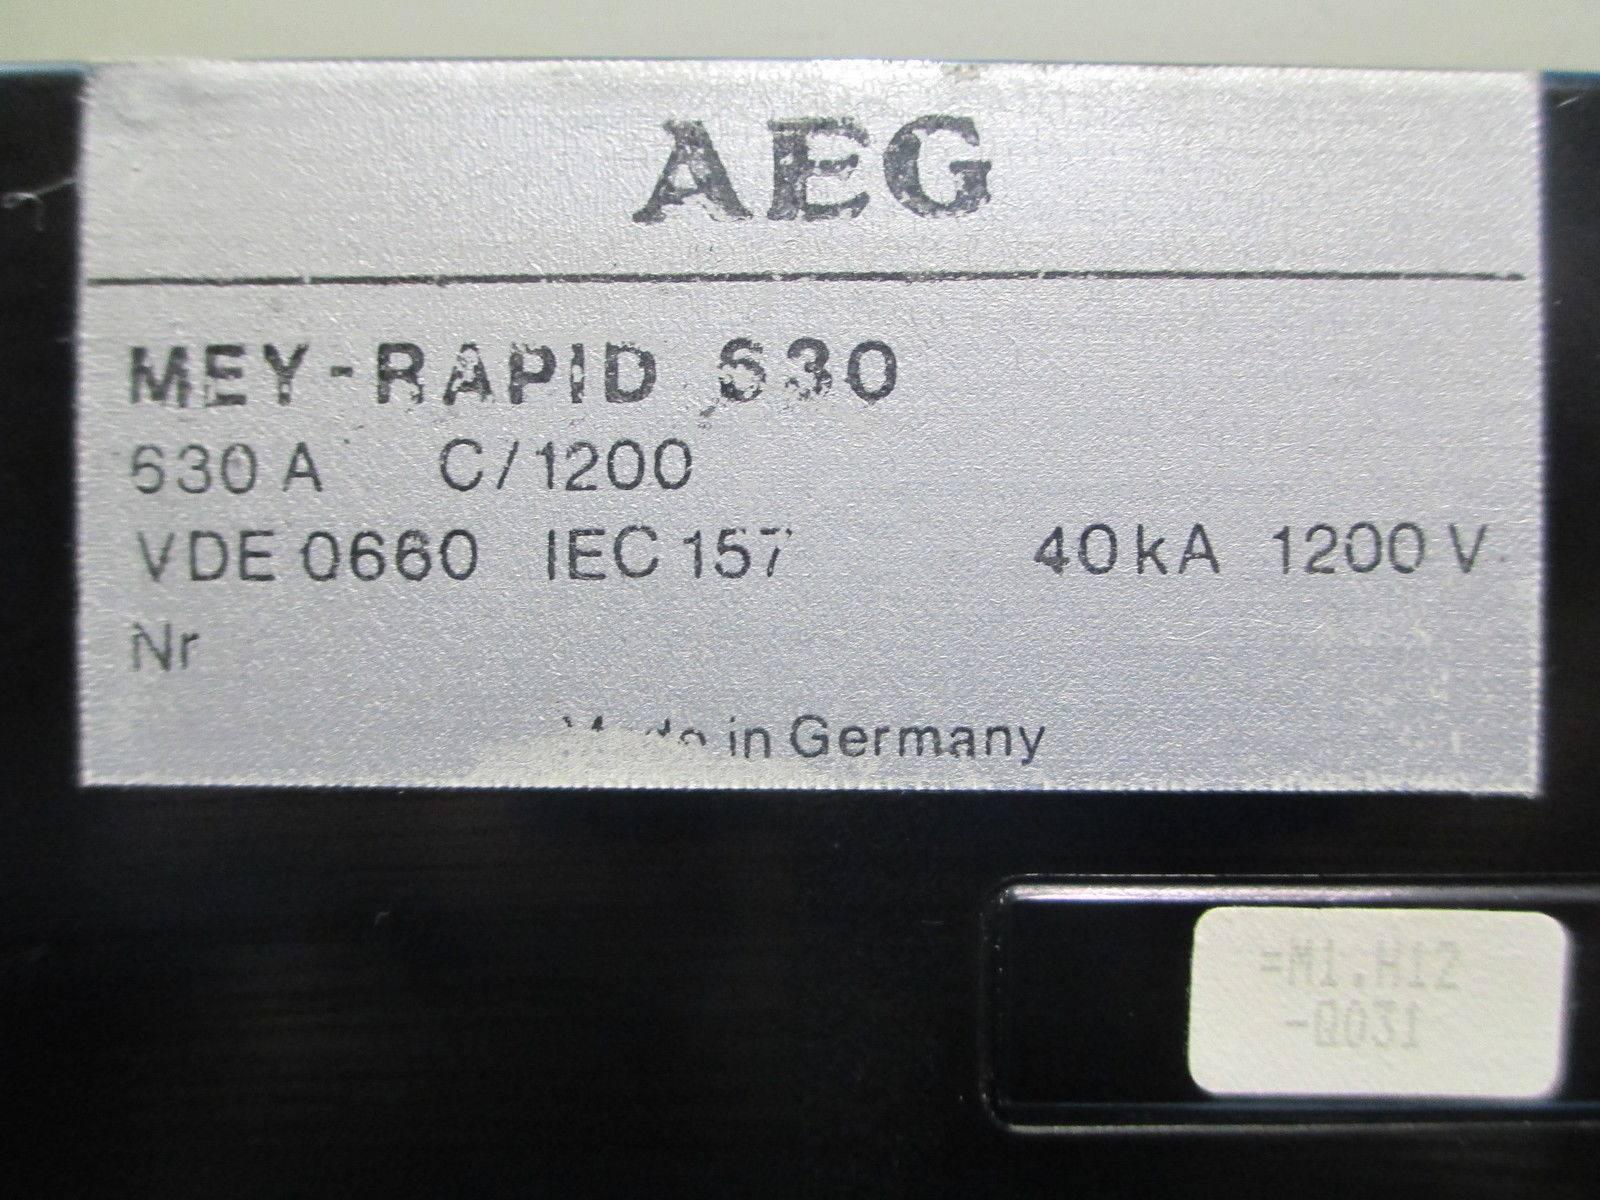 AEG MEY-RAPID 630 Amp DC Contactor Breaker IEC157 40 kA 1200V 600 ...